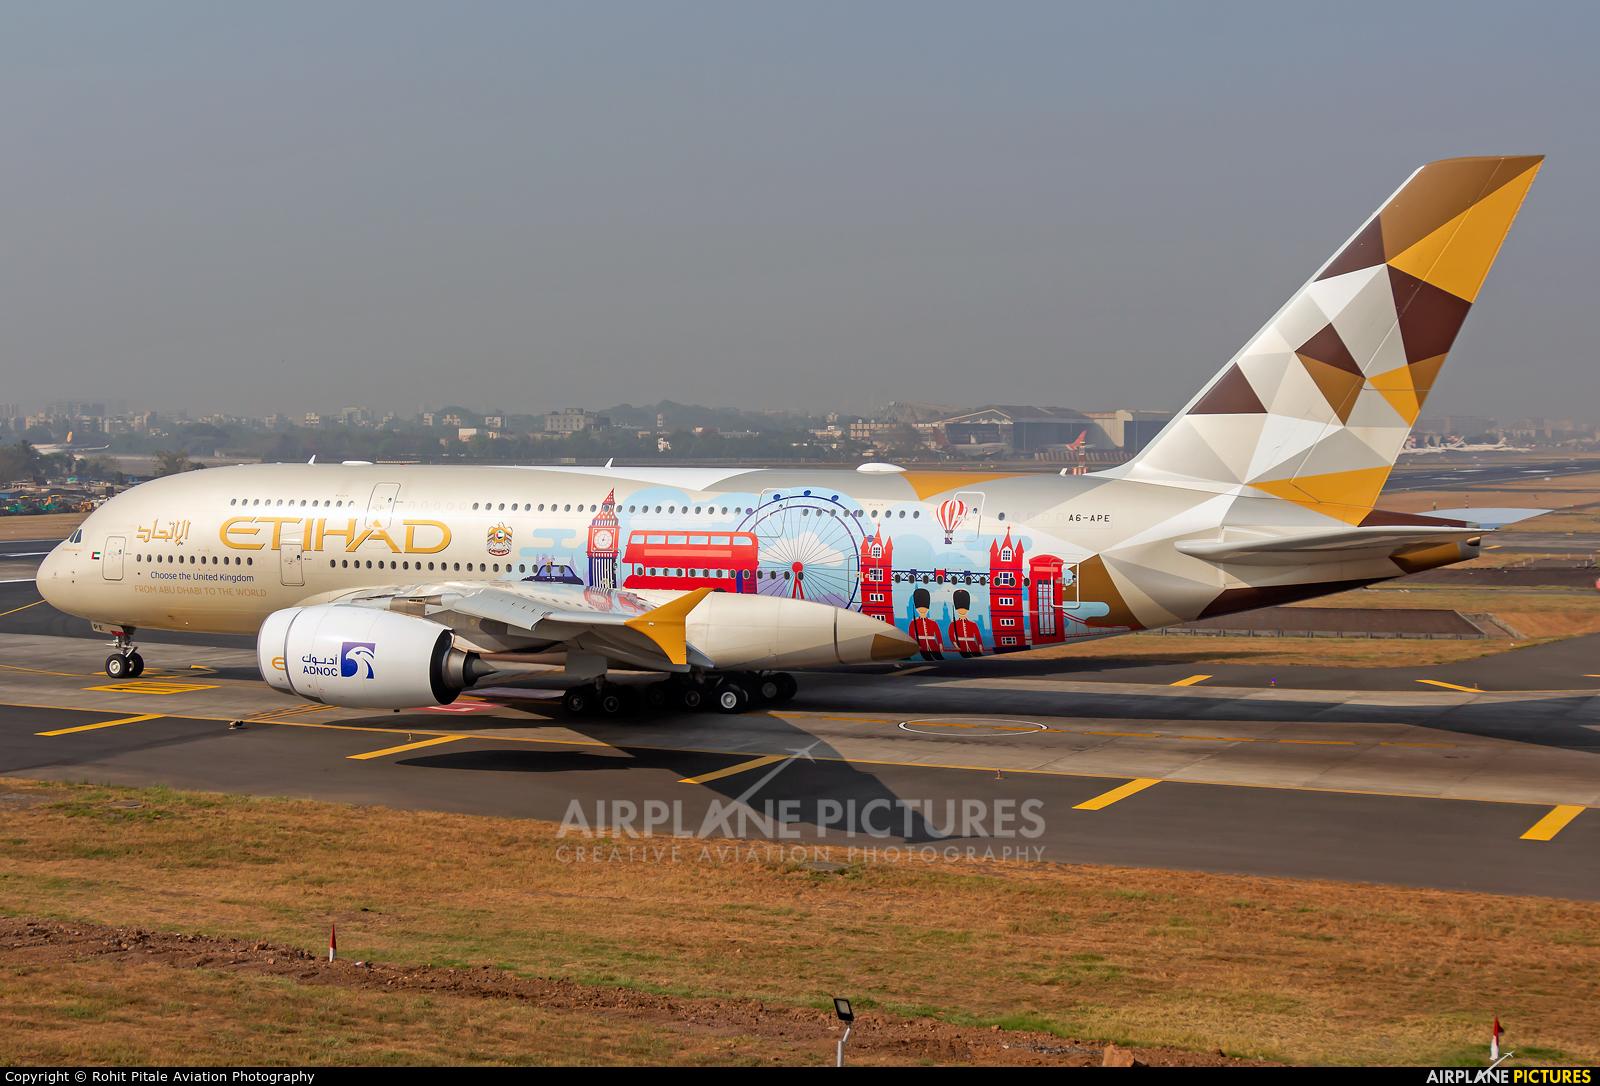 Etihad Airways A6-APE aircraft at Mumbai - Chhatrapati Shivaji Intl